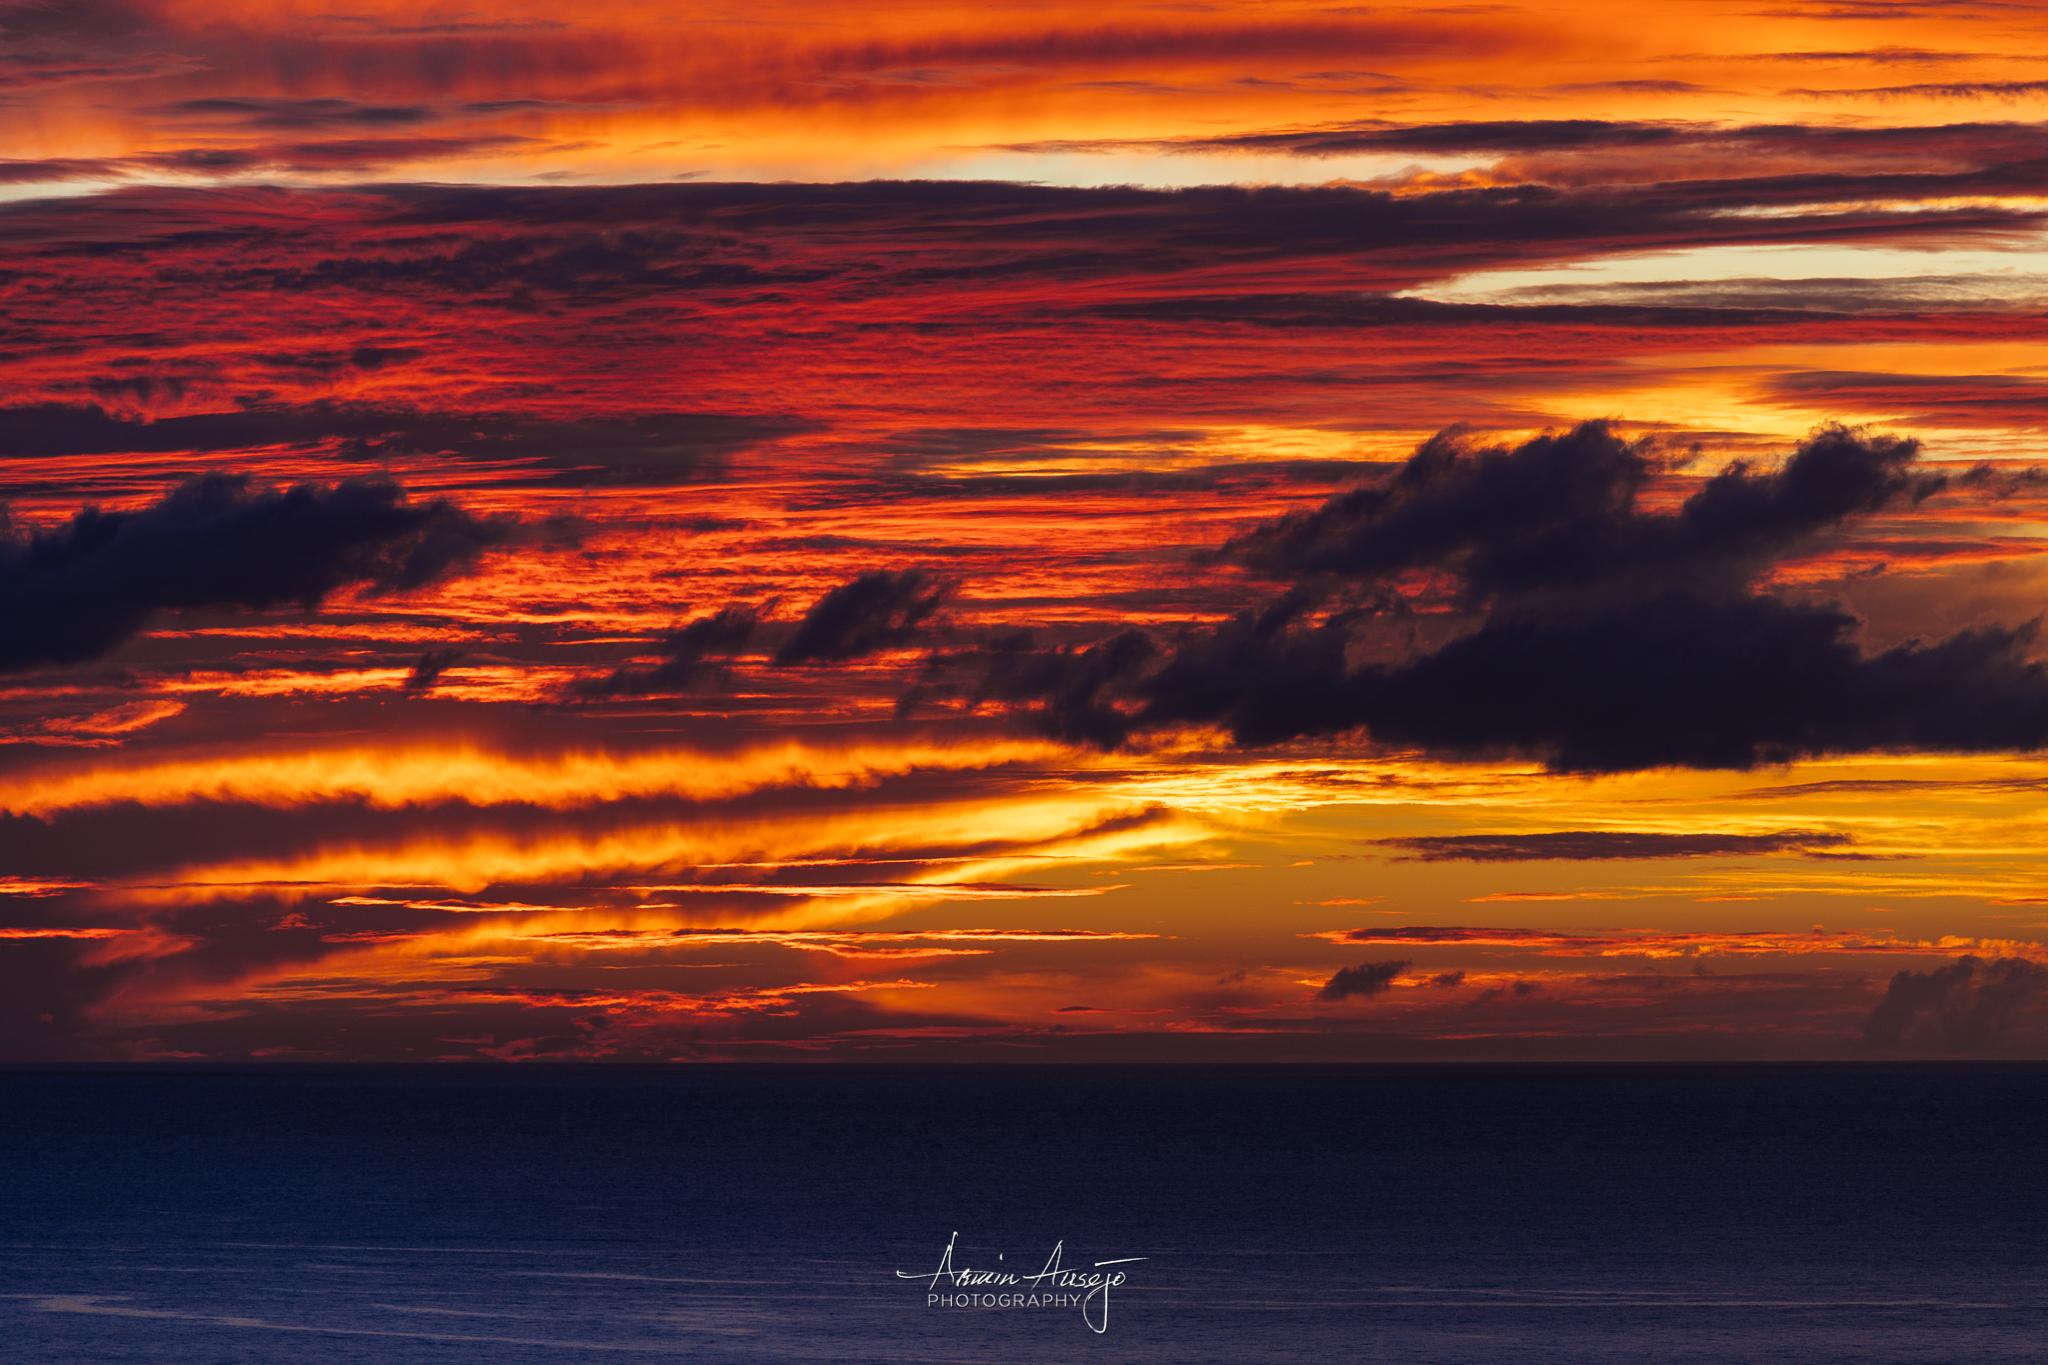 Hawaiian Sunset Cloud Detail, Nikon Z7 and Nikon 300mm f/4 PF ED VR